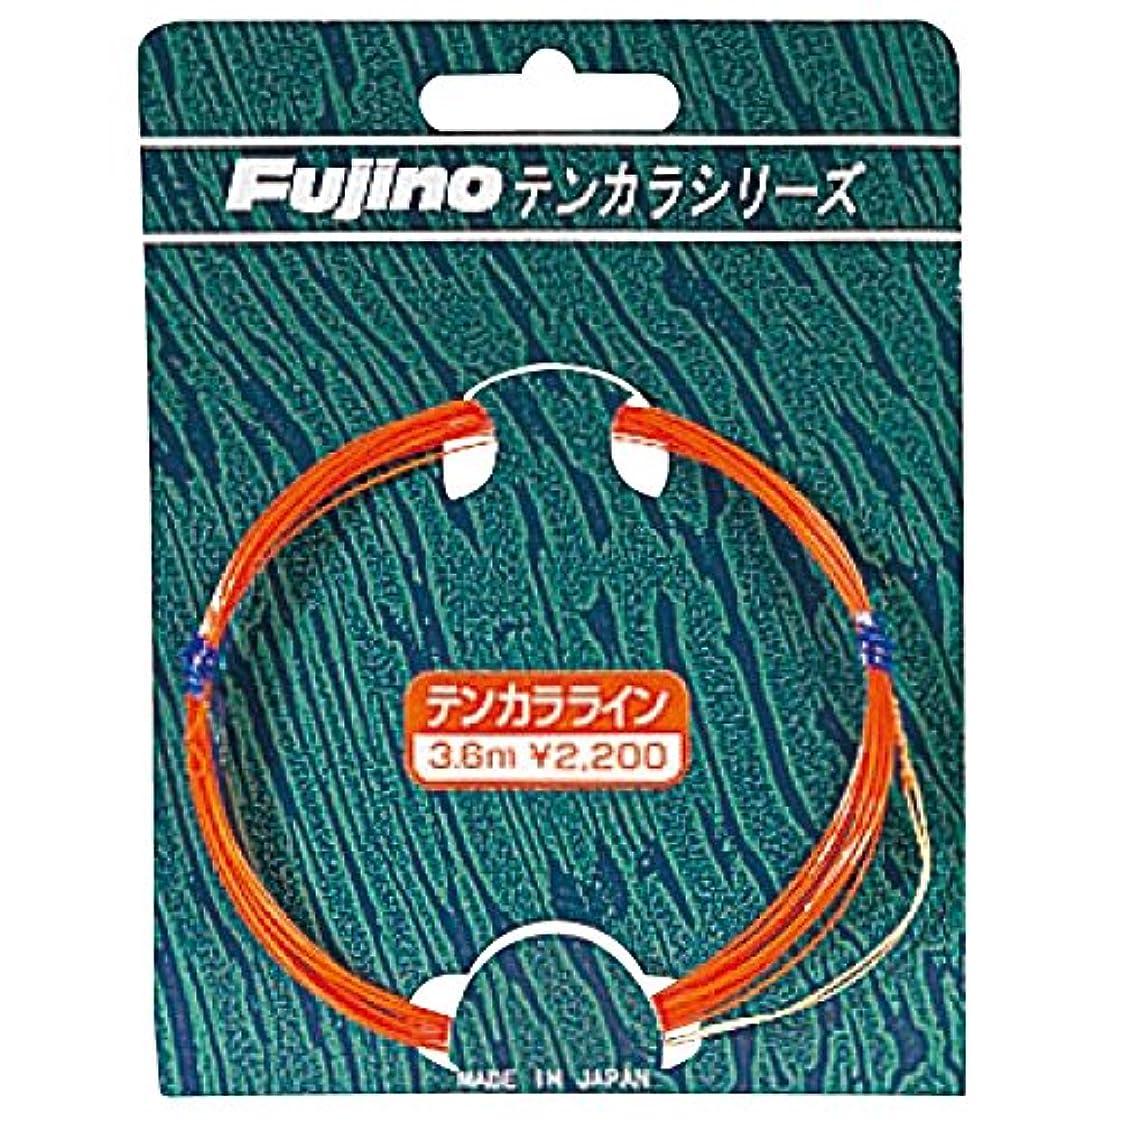 精通した農業のハイランドFujino(フジノ) ライン テンカラライン オレンジ 4.5m